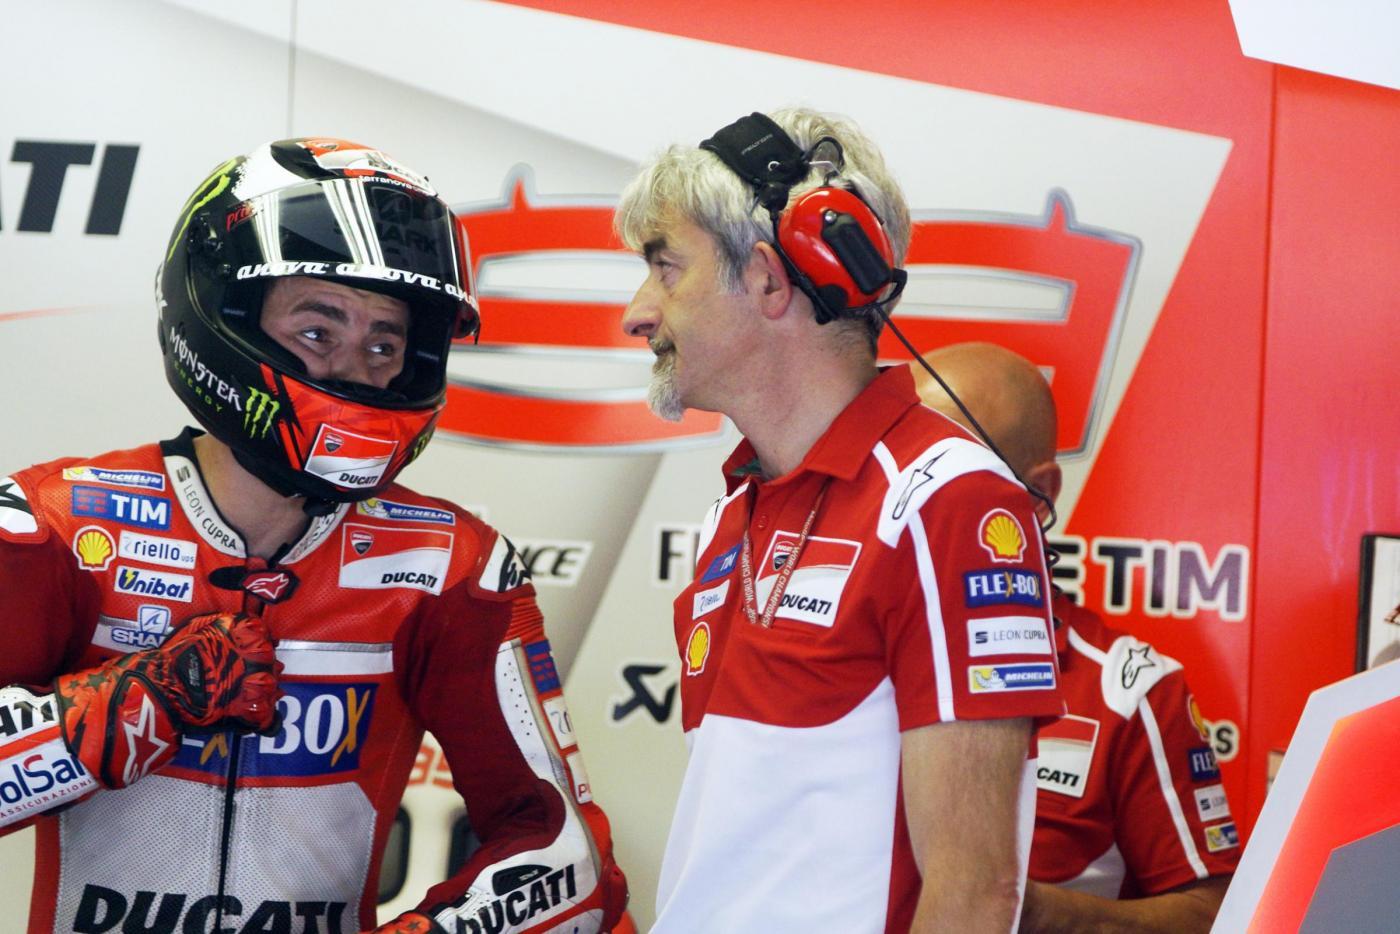 Motogp, Lorenzo show al Mugello: podio italiano con Dovizioso e Rossi